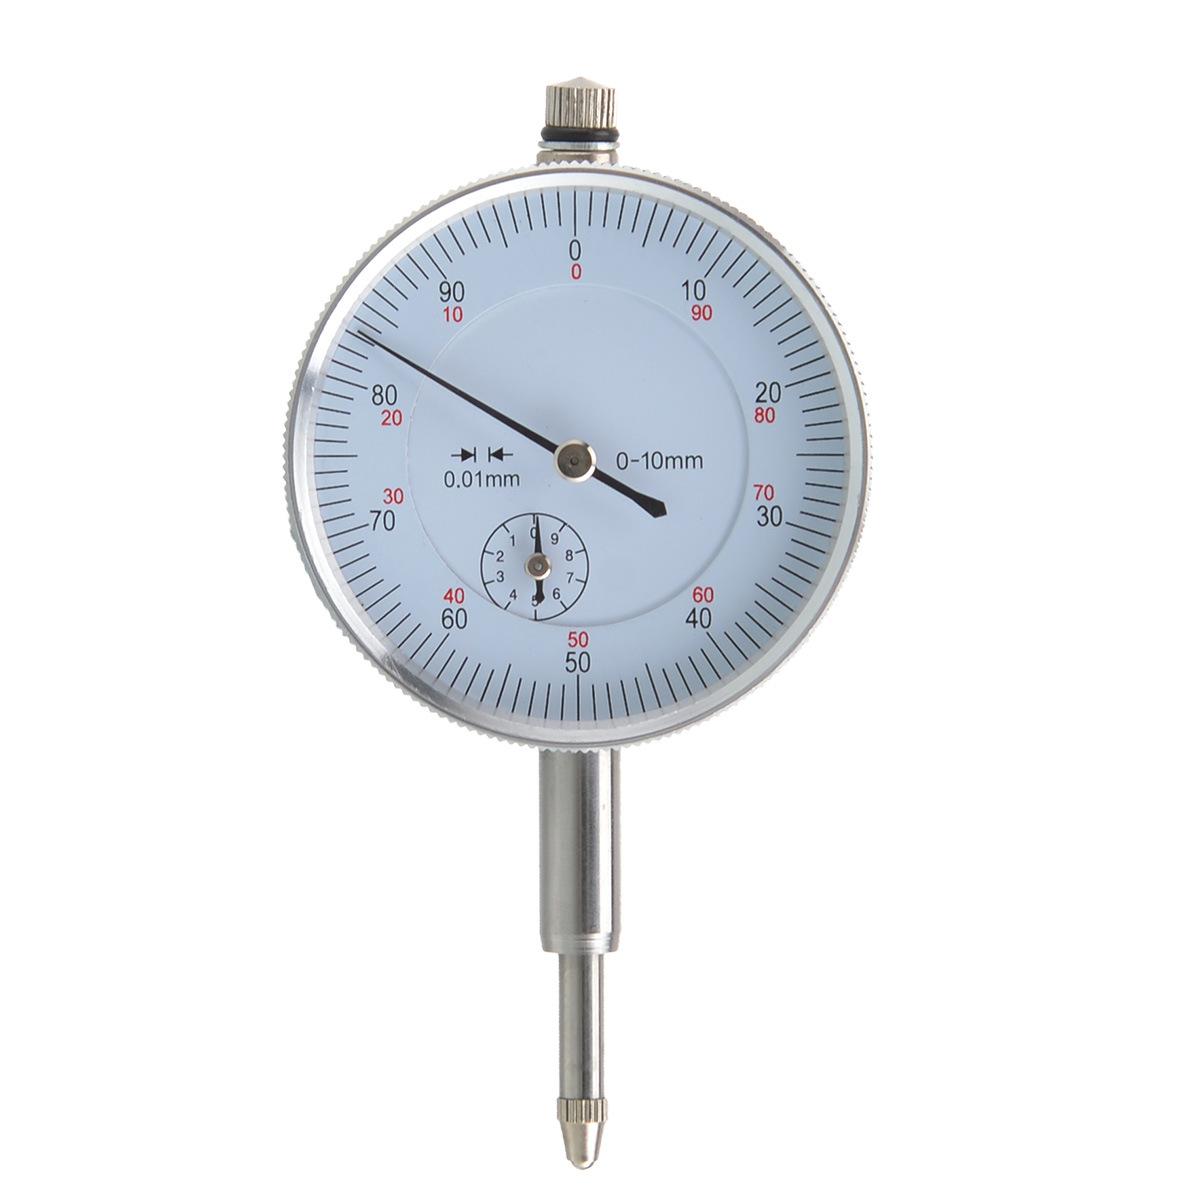 MEICHAN Dụng cụ đo lường Công cụ đo lường Meizen Thượng Hải Chỉ số quay số Inch Bảng A-06